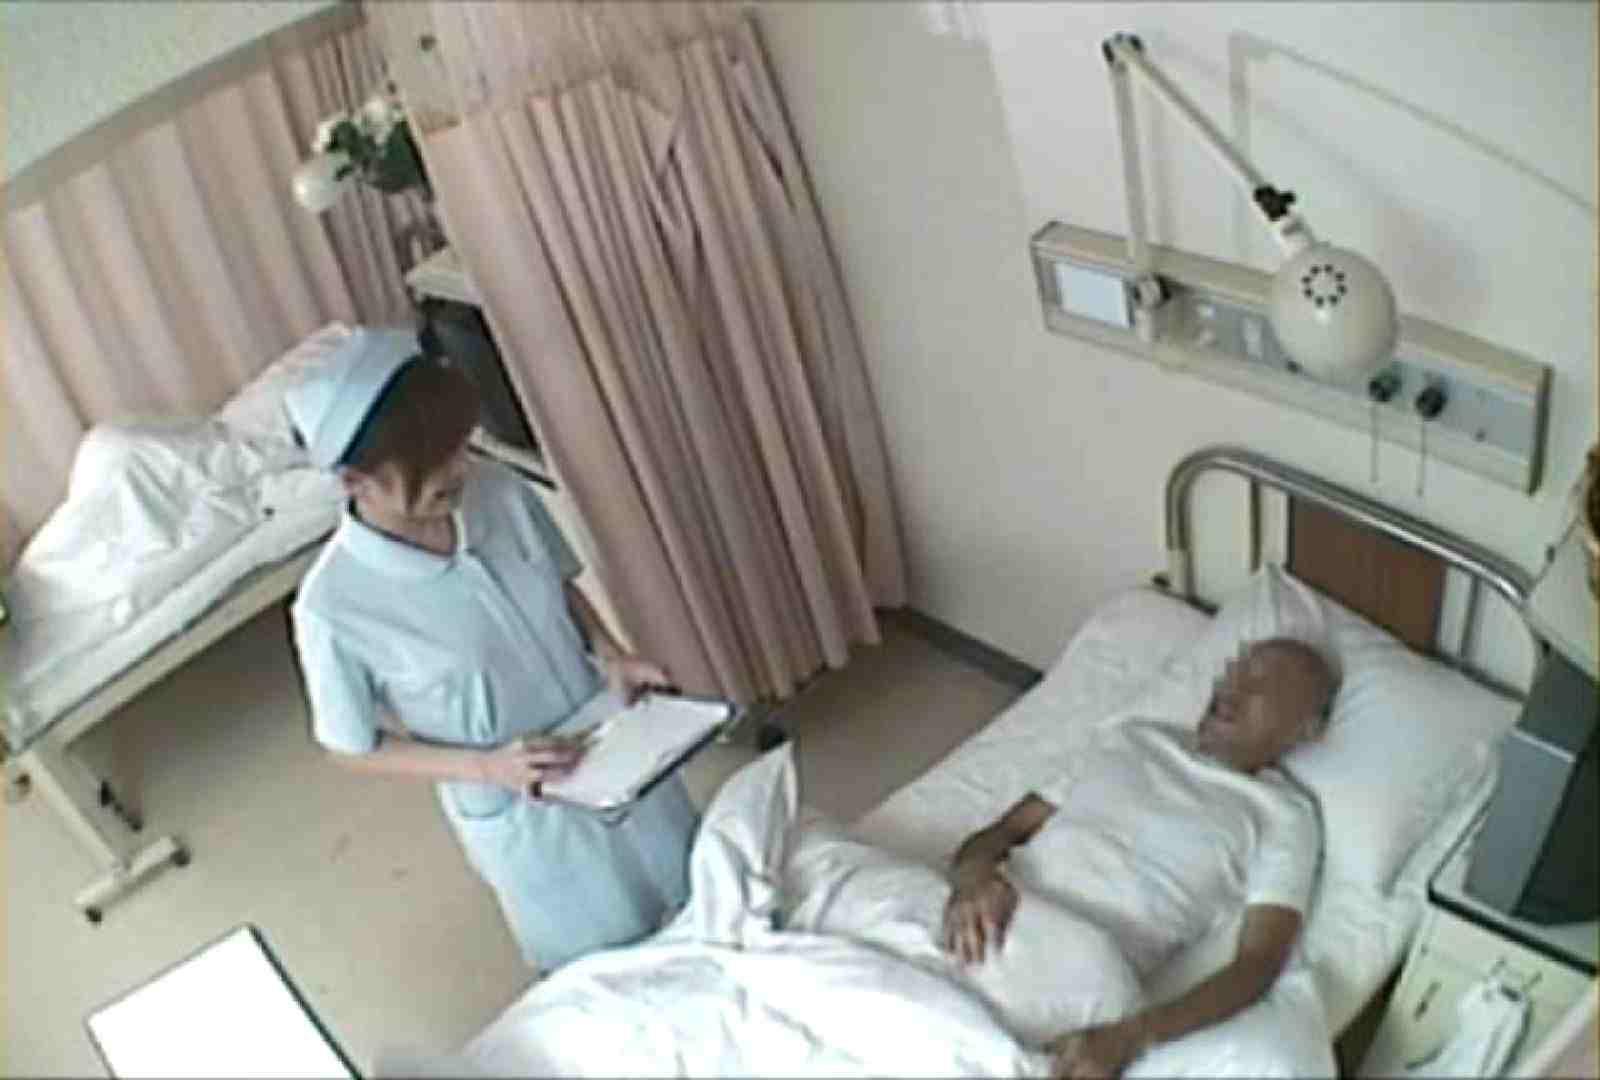 絶対に逝ってはいけない寸止め病棟Vol.2 OLセックス  76画像 70